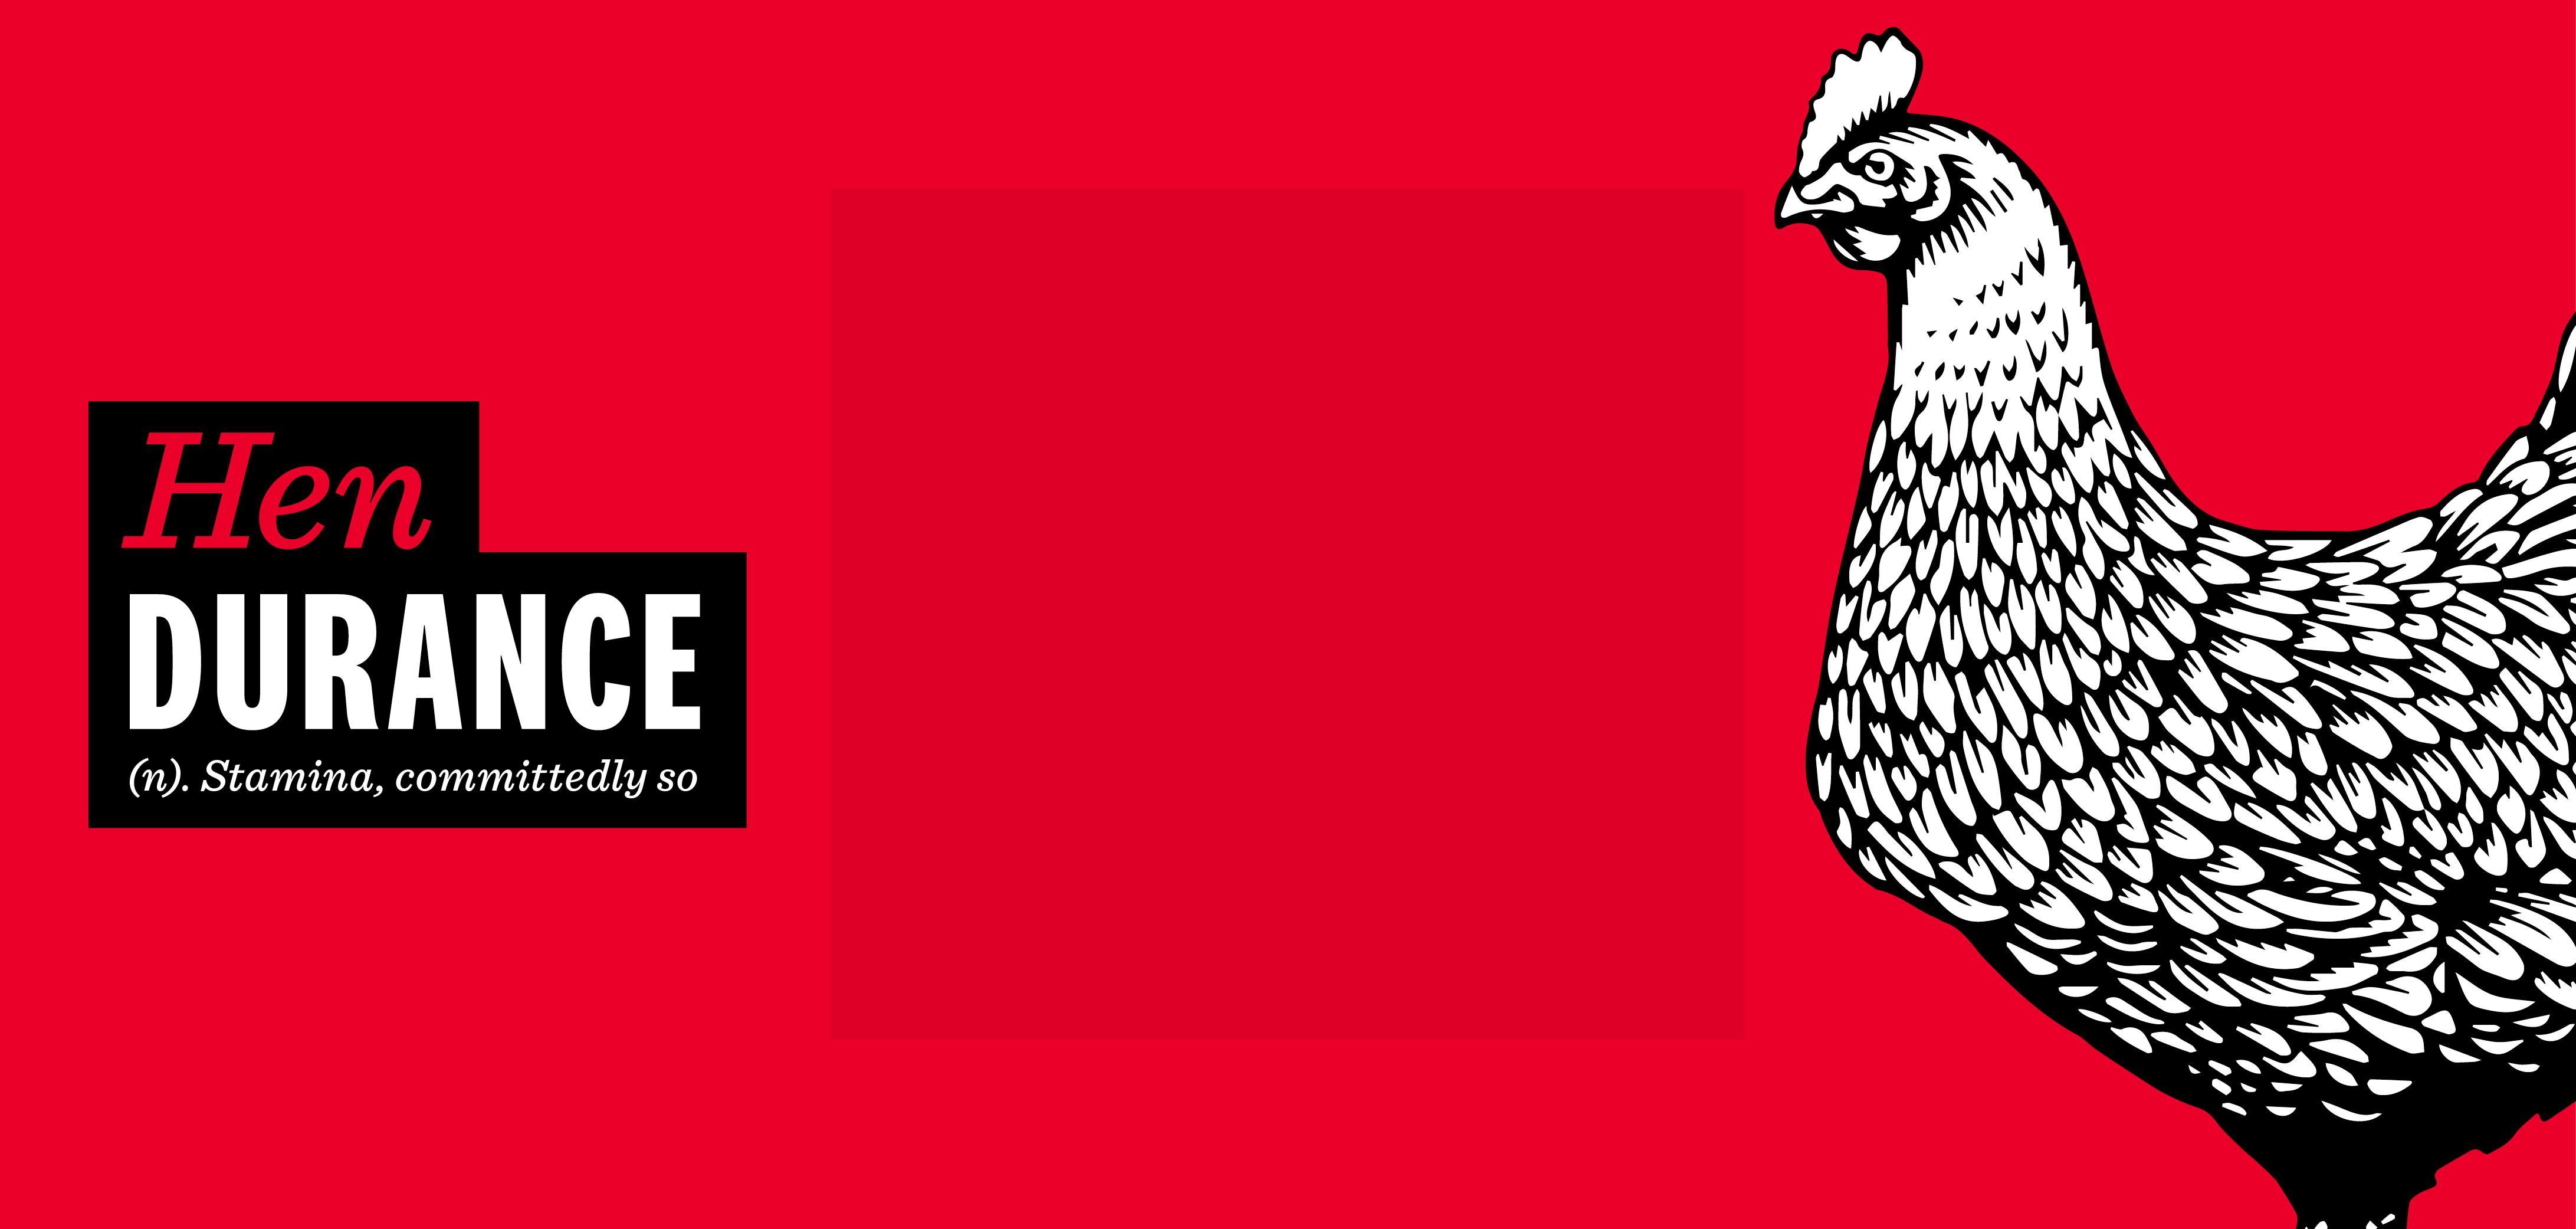 KFC careers Hendurance